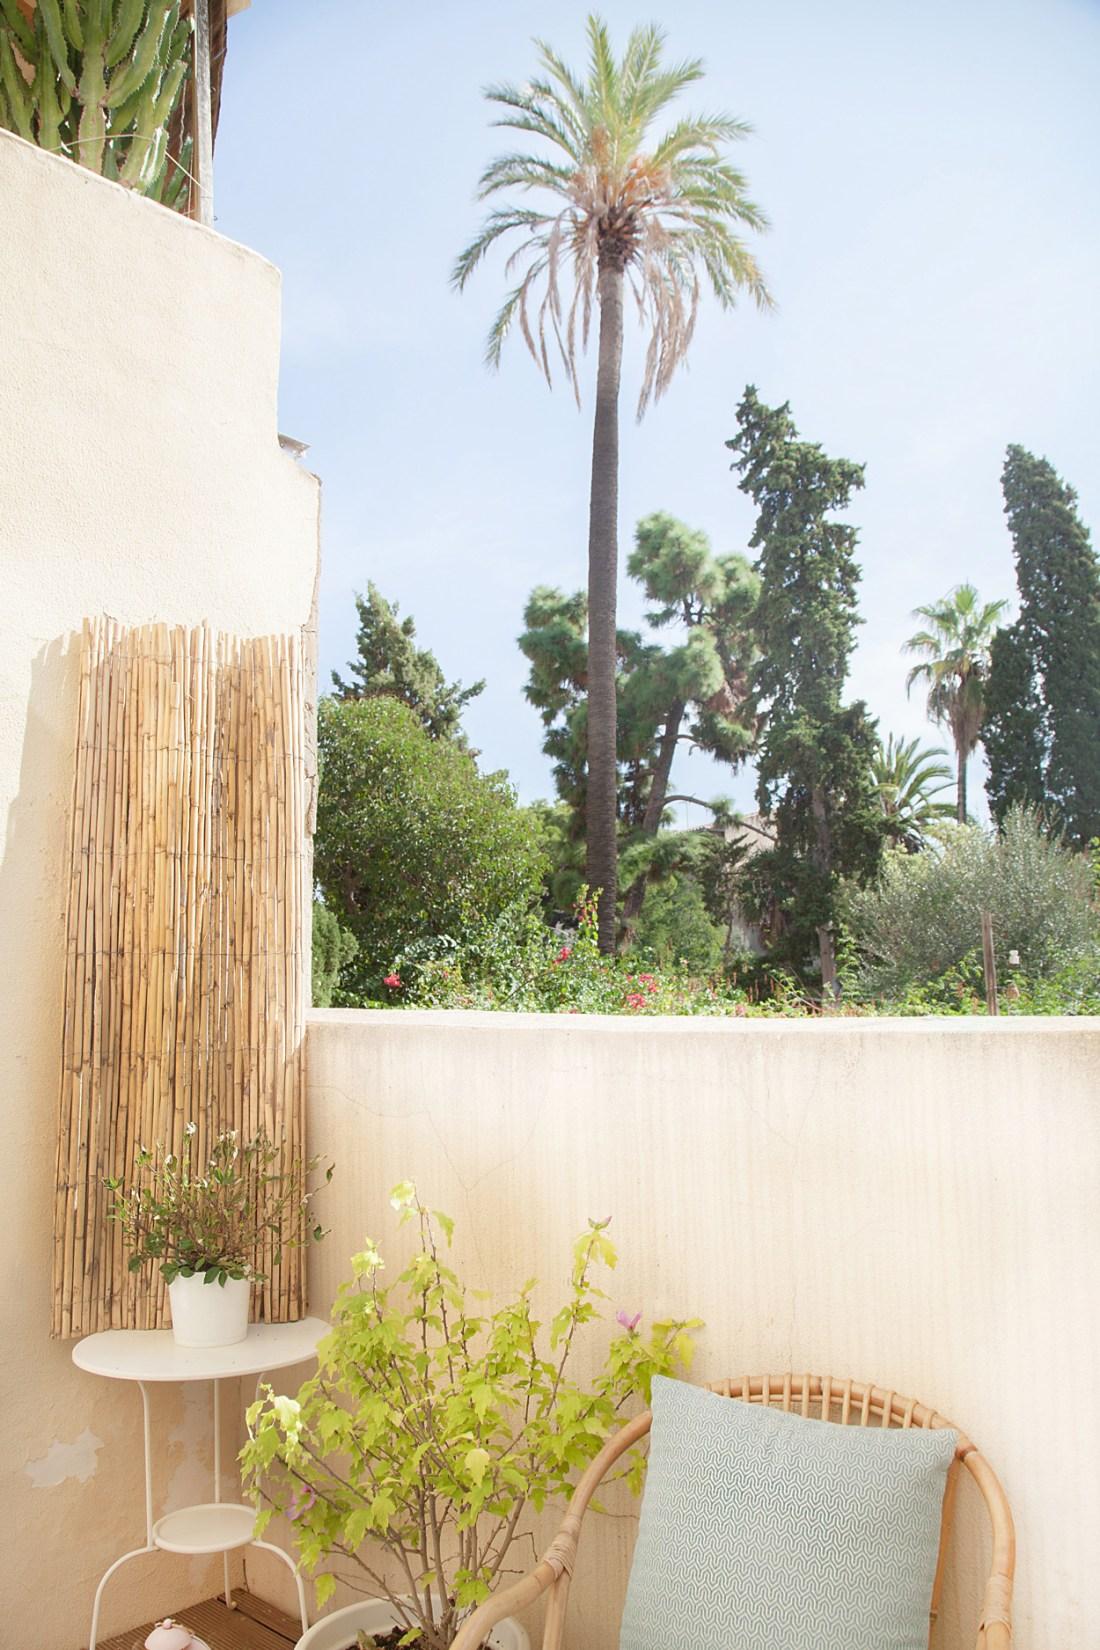 scandiboho apartment in Mallorca 02